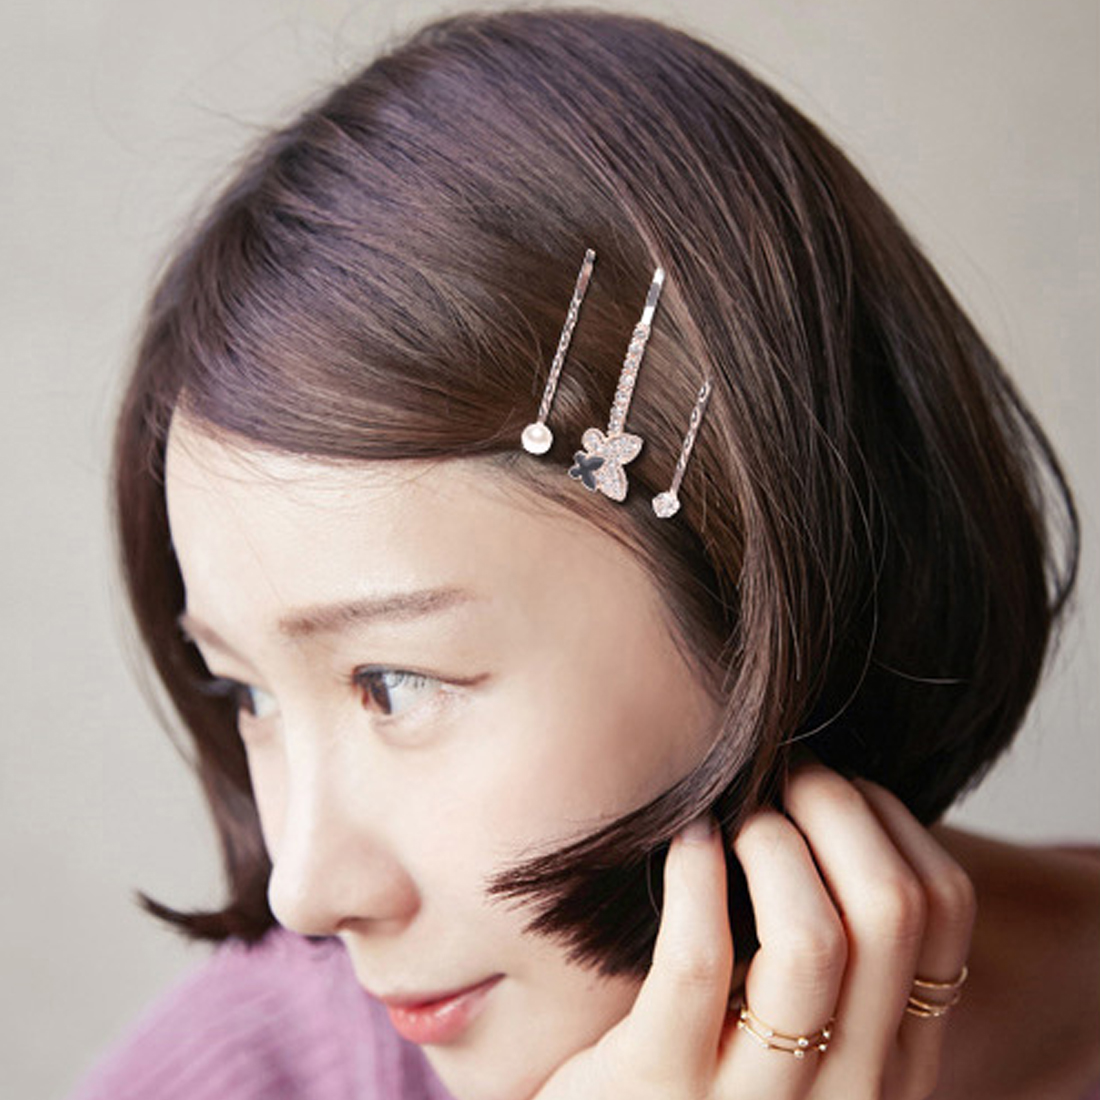 приворот девушки с помощью заколки для волос